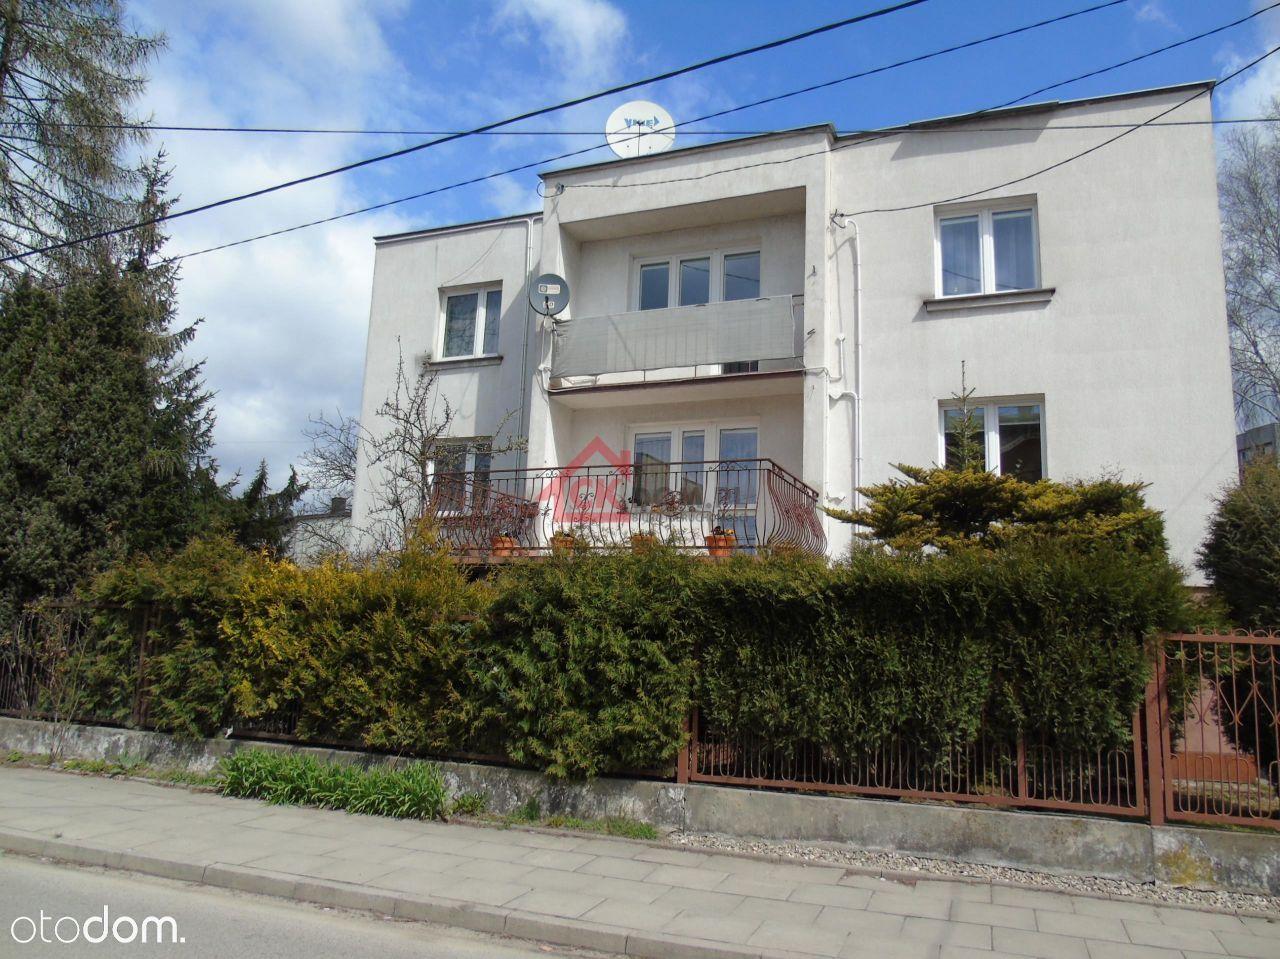 Dom Jednorodzinny 158,6 m2 Kielce ul Skłodowskiej